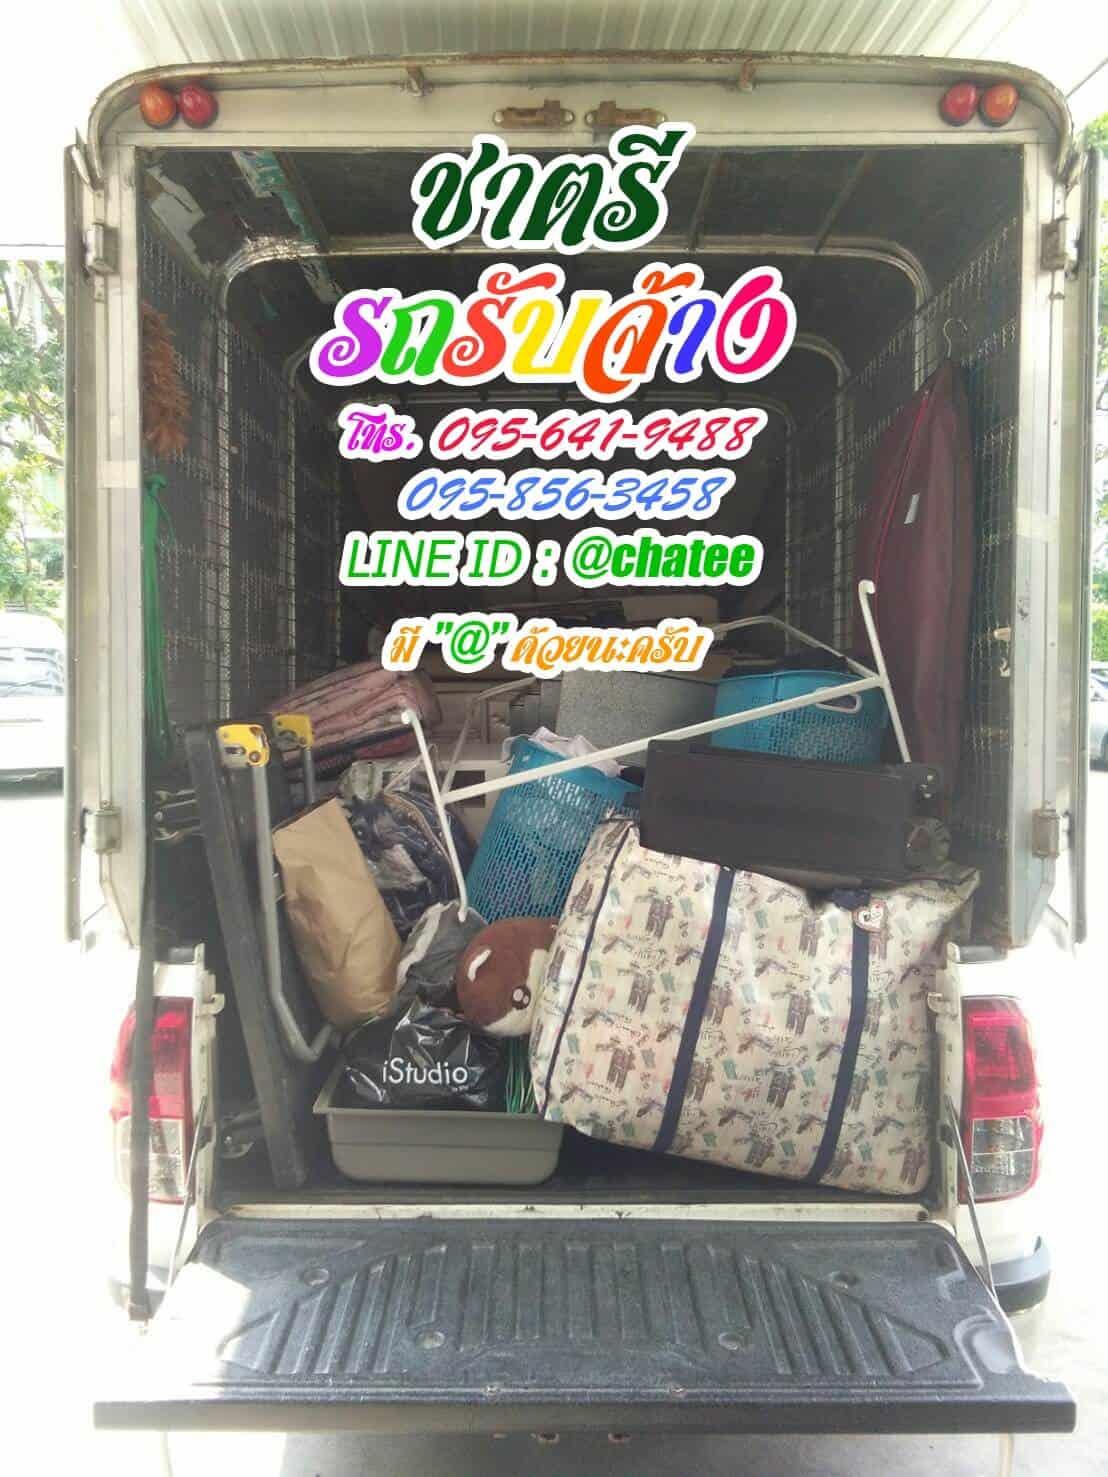 รถรับจ้างขนของปากน้ำรถรับขนของกทมราคาถูกแถวสุขุมวิท